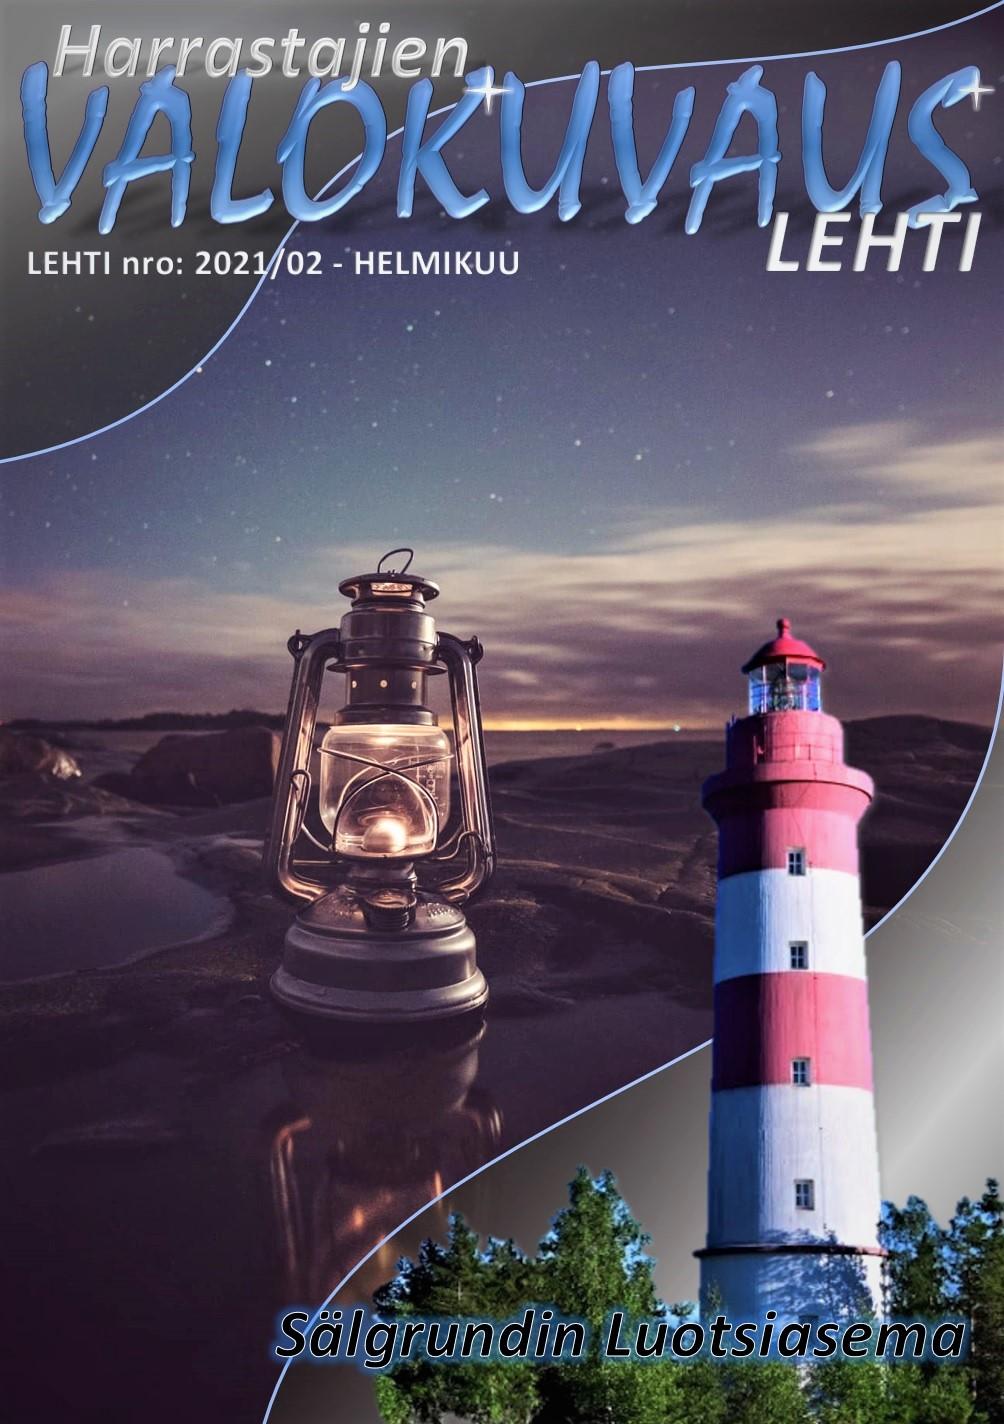 VALOKUVAUS-LEHTI 2021/02